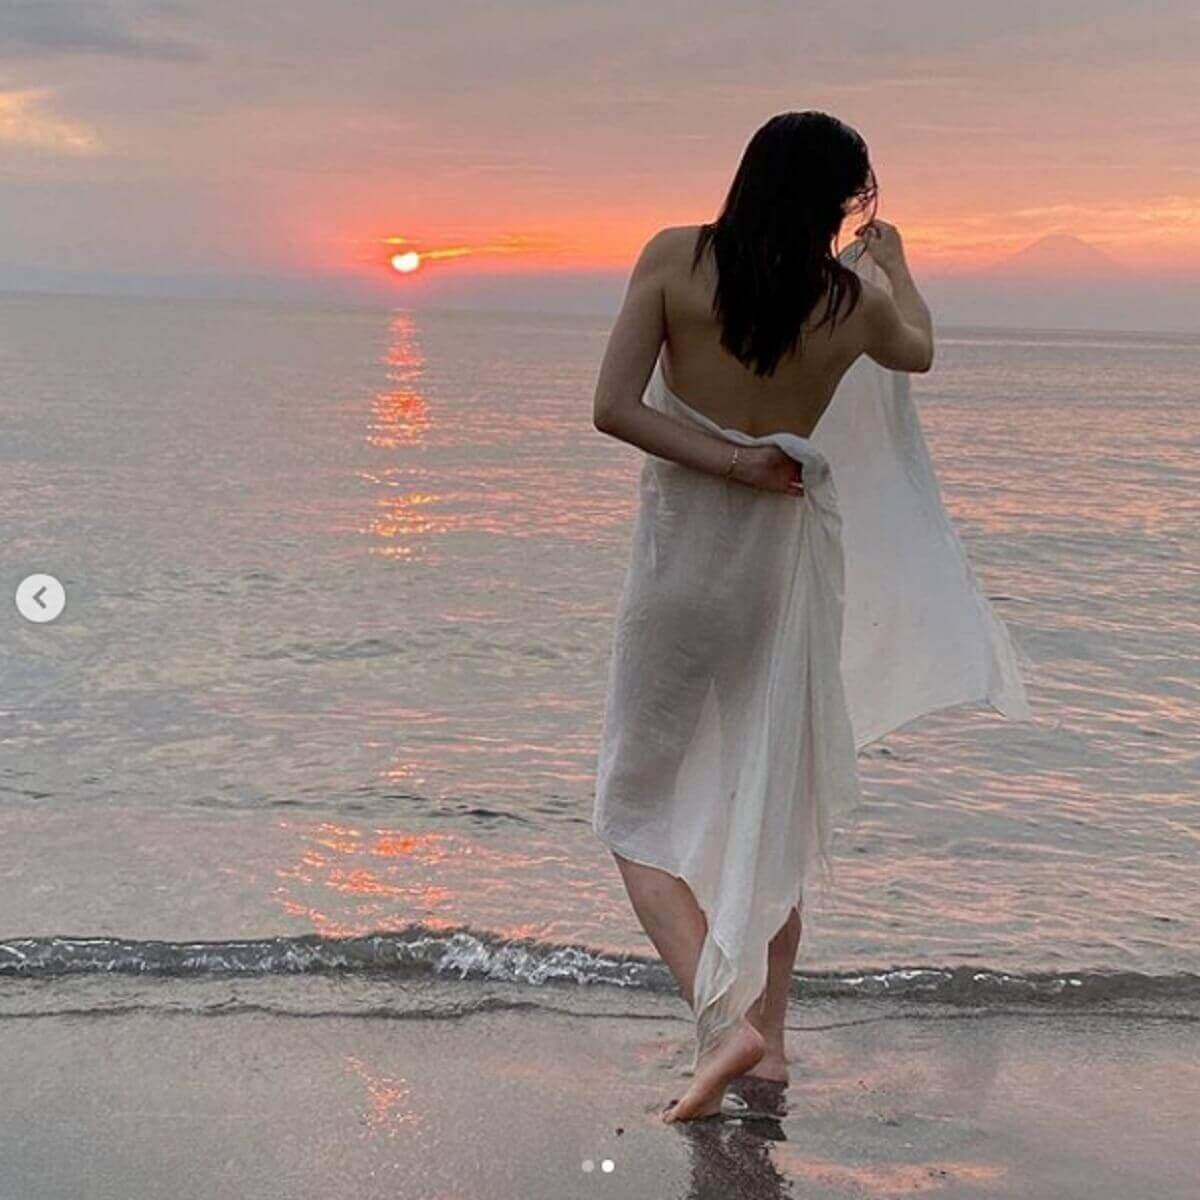 長谷川京子のセクシーすぎるグラビア展開に戸惑いの声「最近脱ぎすぎ」「何を目指してる?」|日刊サイゾー